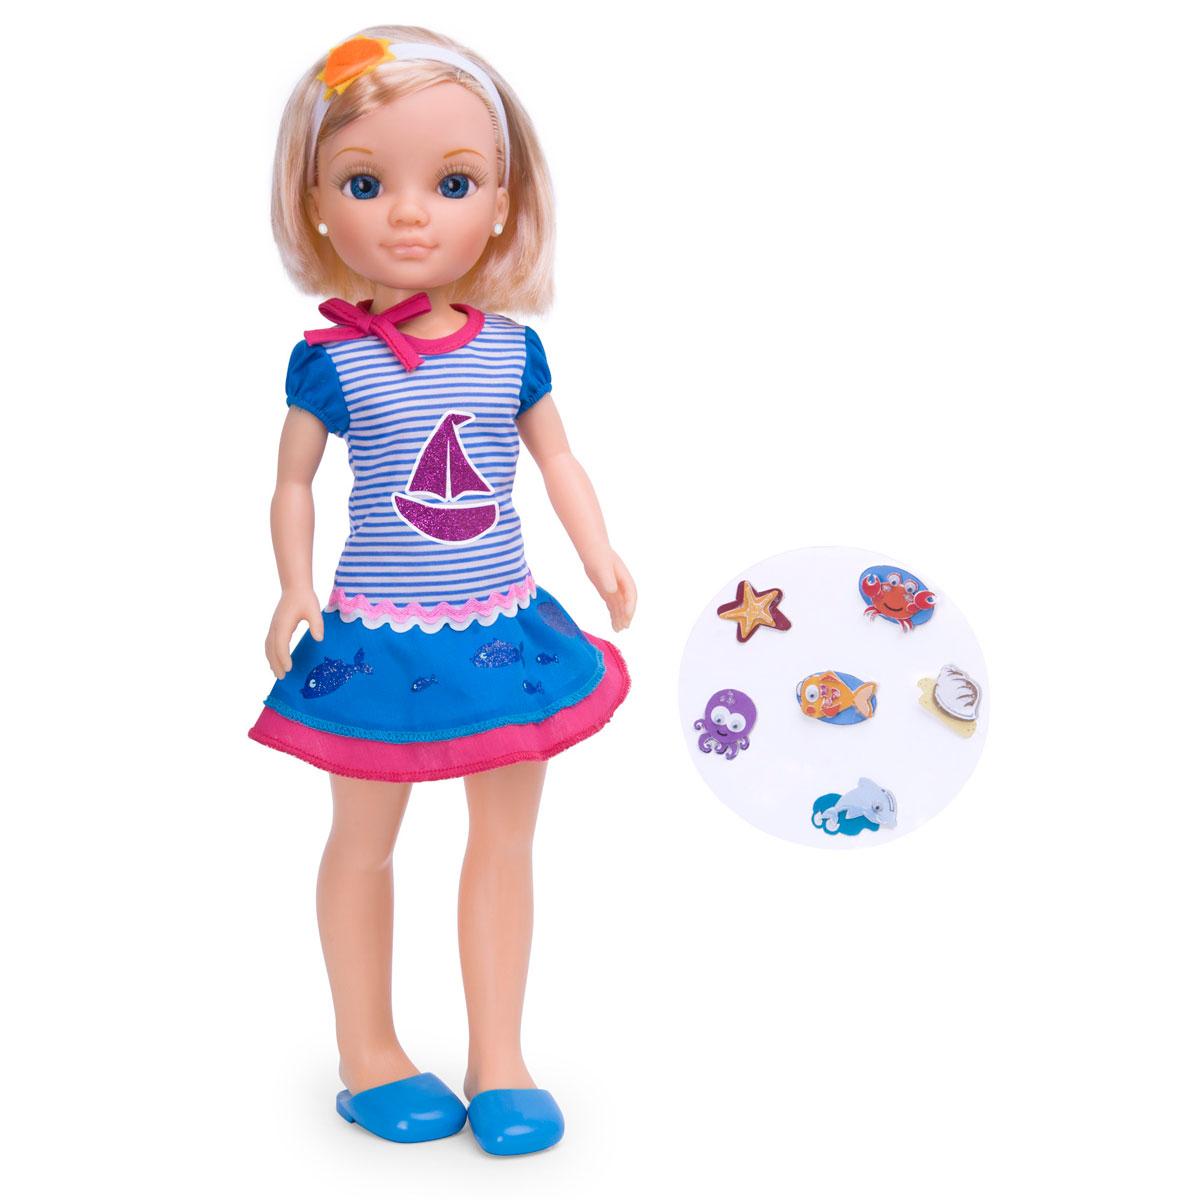 Кукла Нэнси со звездным обручем и модными наклейками